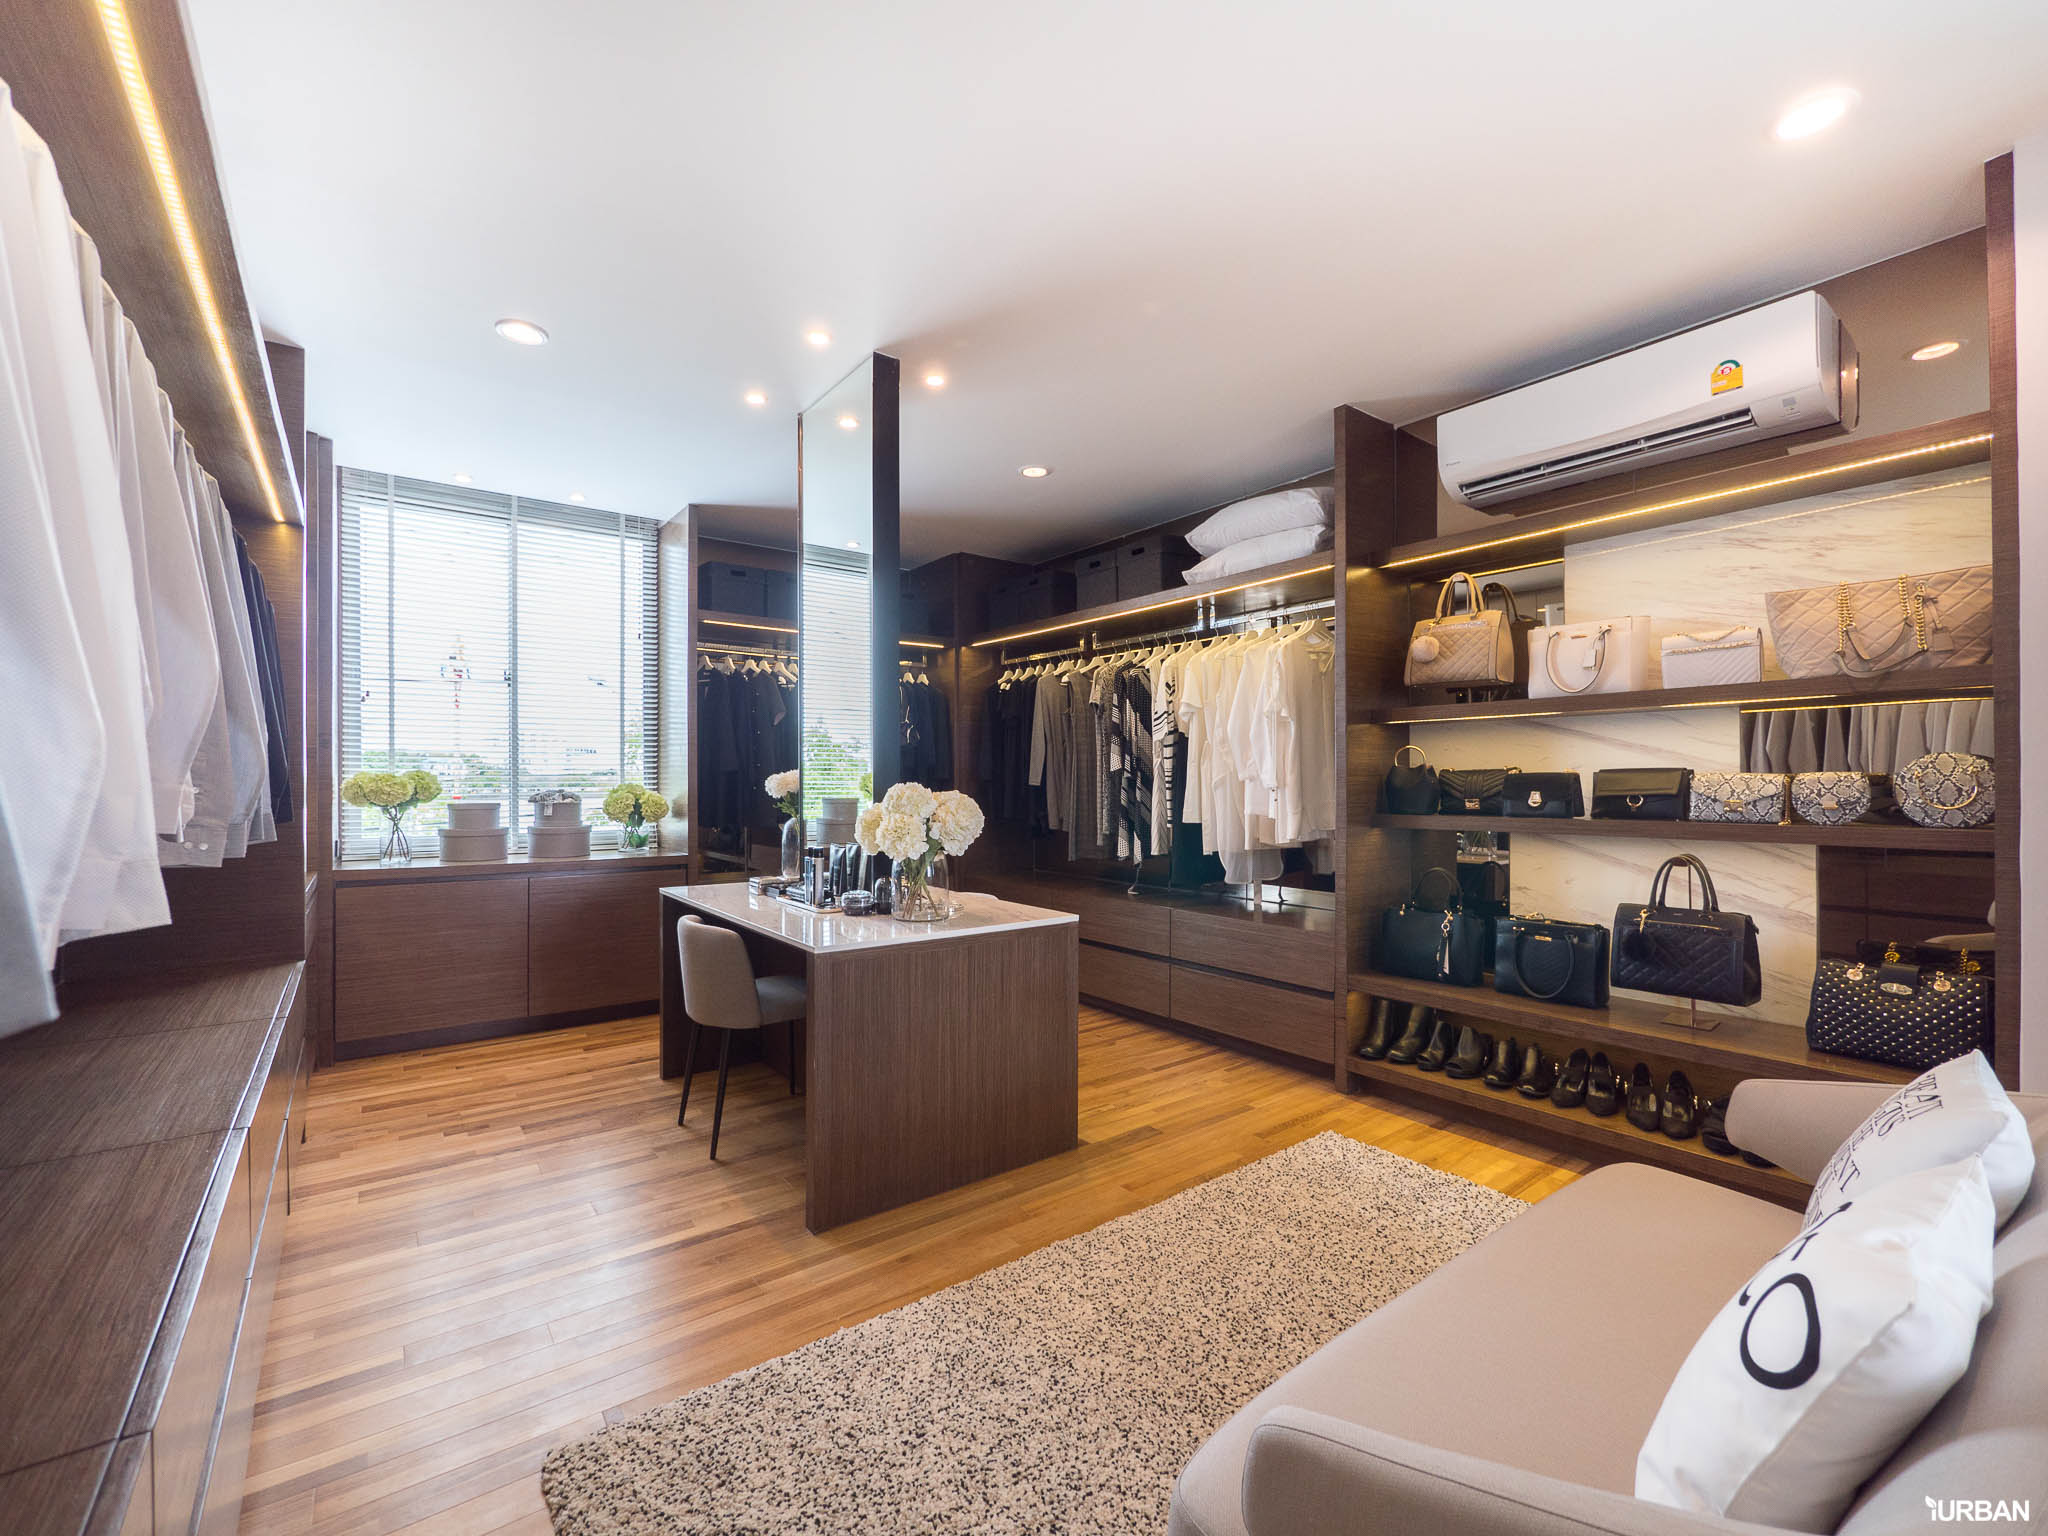 รีวิว Nirvana BEYOND Udonthani บ้านเดี่ยว 3 ชั้น ดีไซน์บิดสุดโมเดิร์น บนที่ดินสุดท้ายหน้าหนองประจักษ์ 112 - Luxury